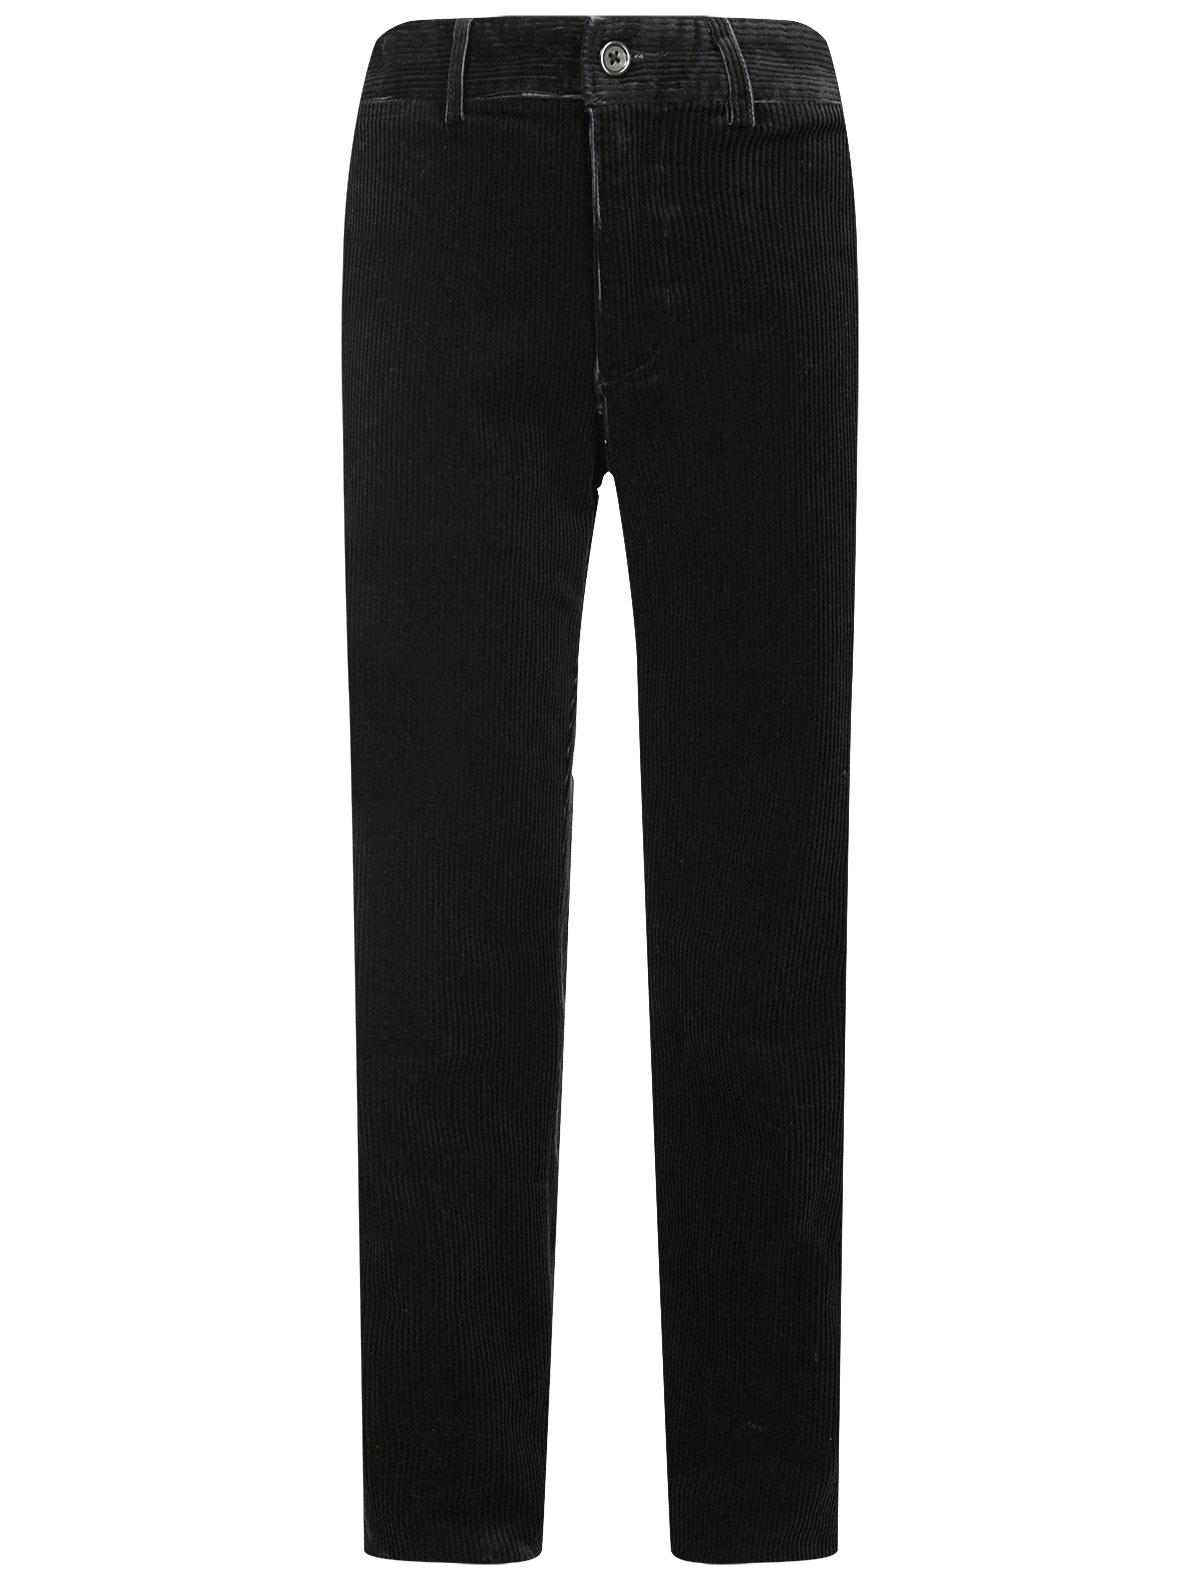 Купить Брюки Polo Ralph Lauren для мальчиков 323760254005 (BLACK) (8-14) черный 152,